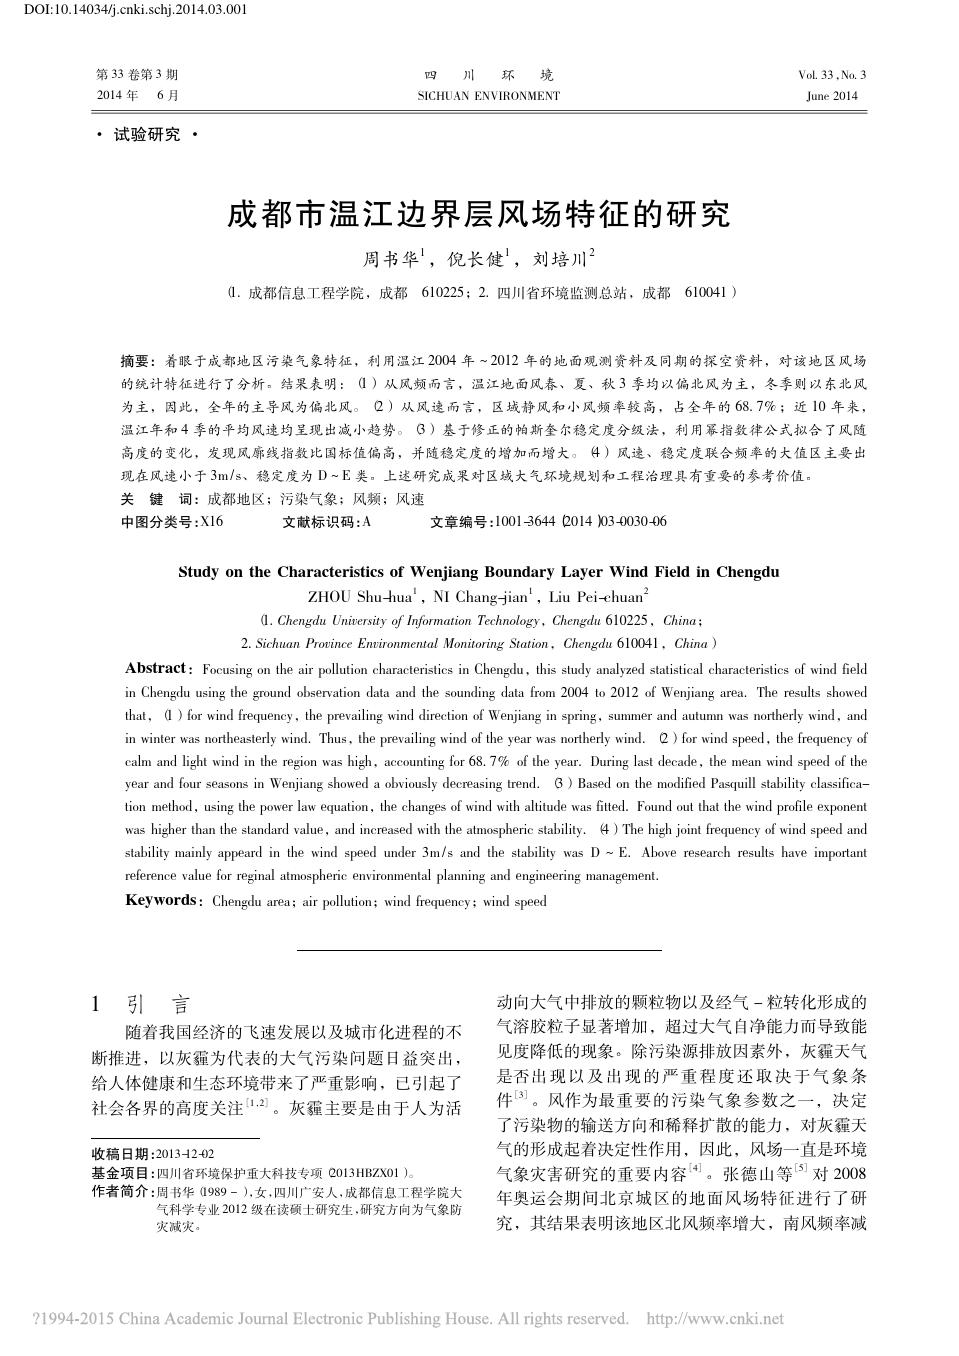 成都市温江边界层风场特征的研究